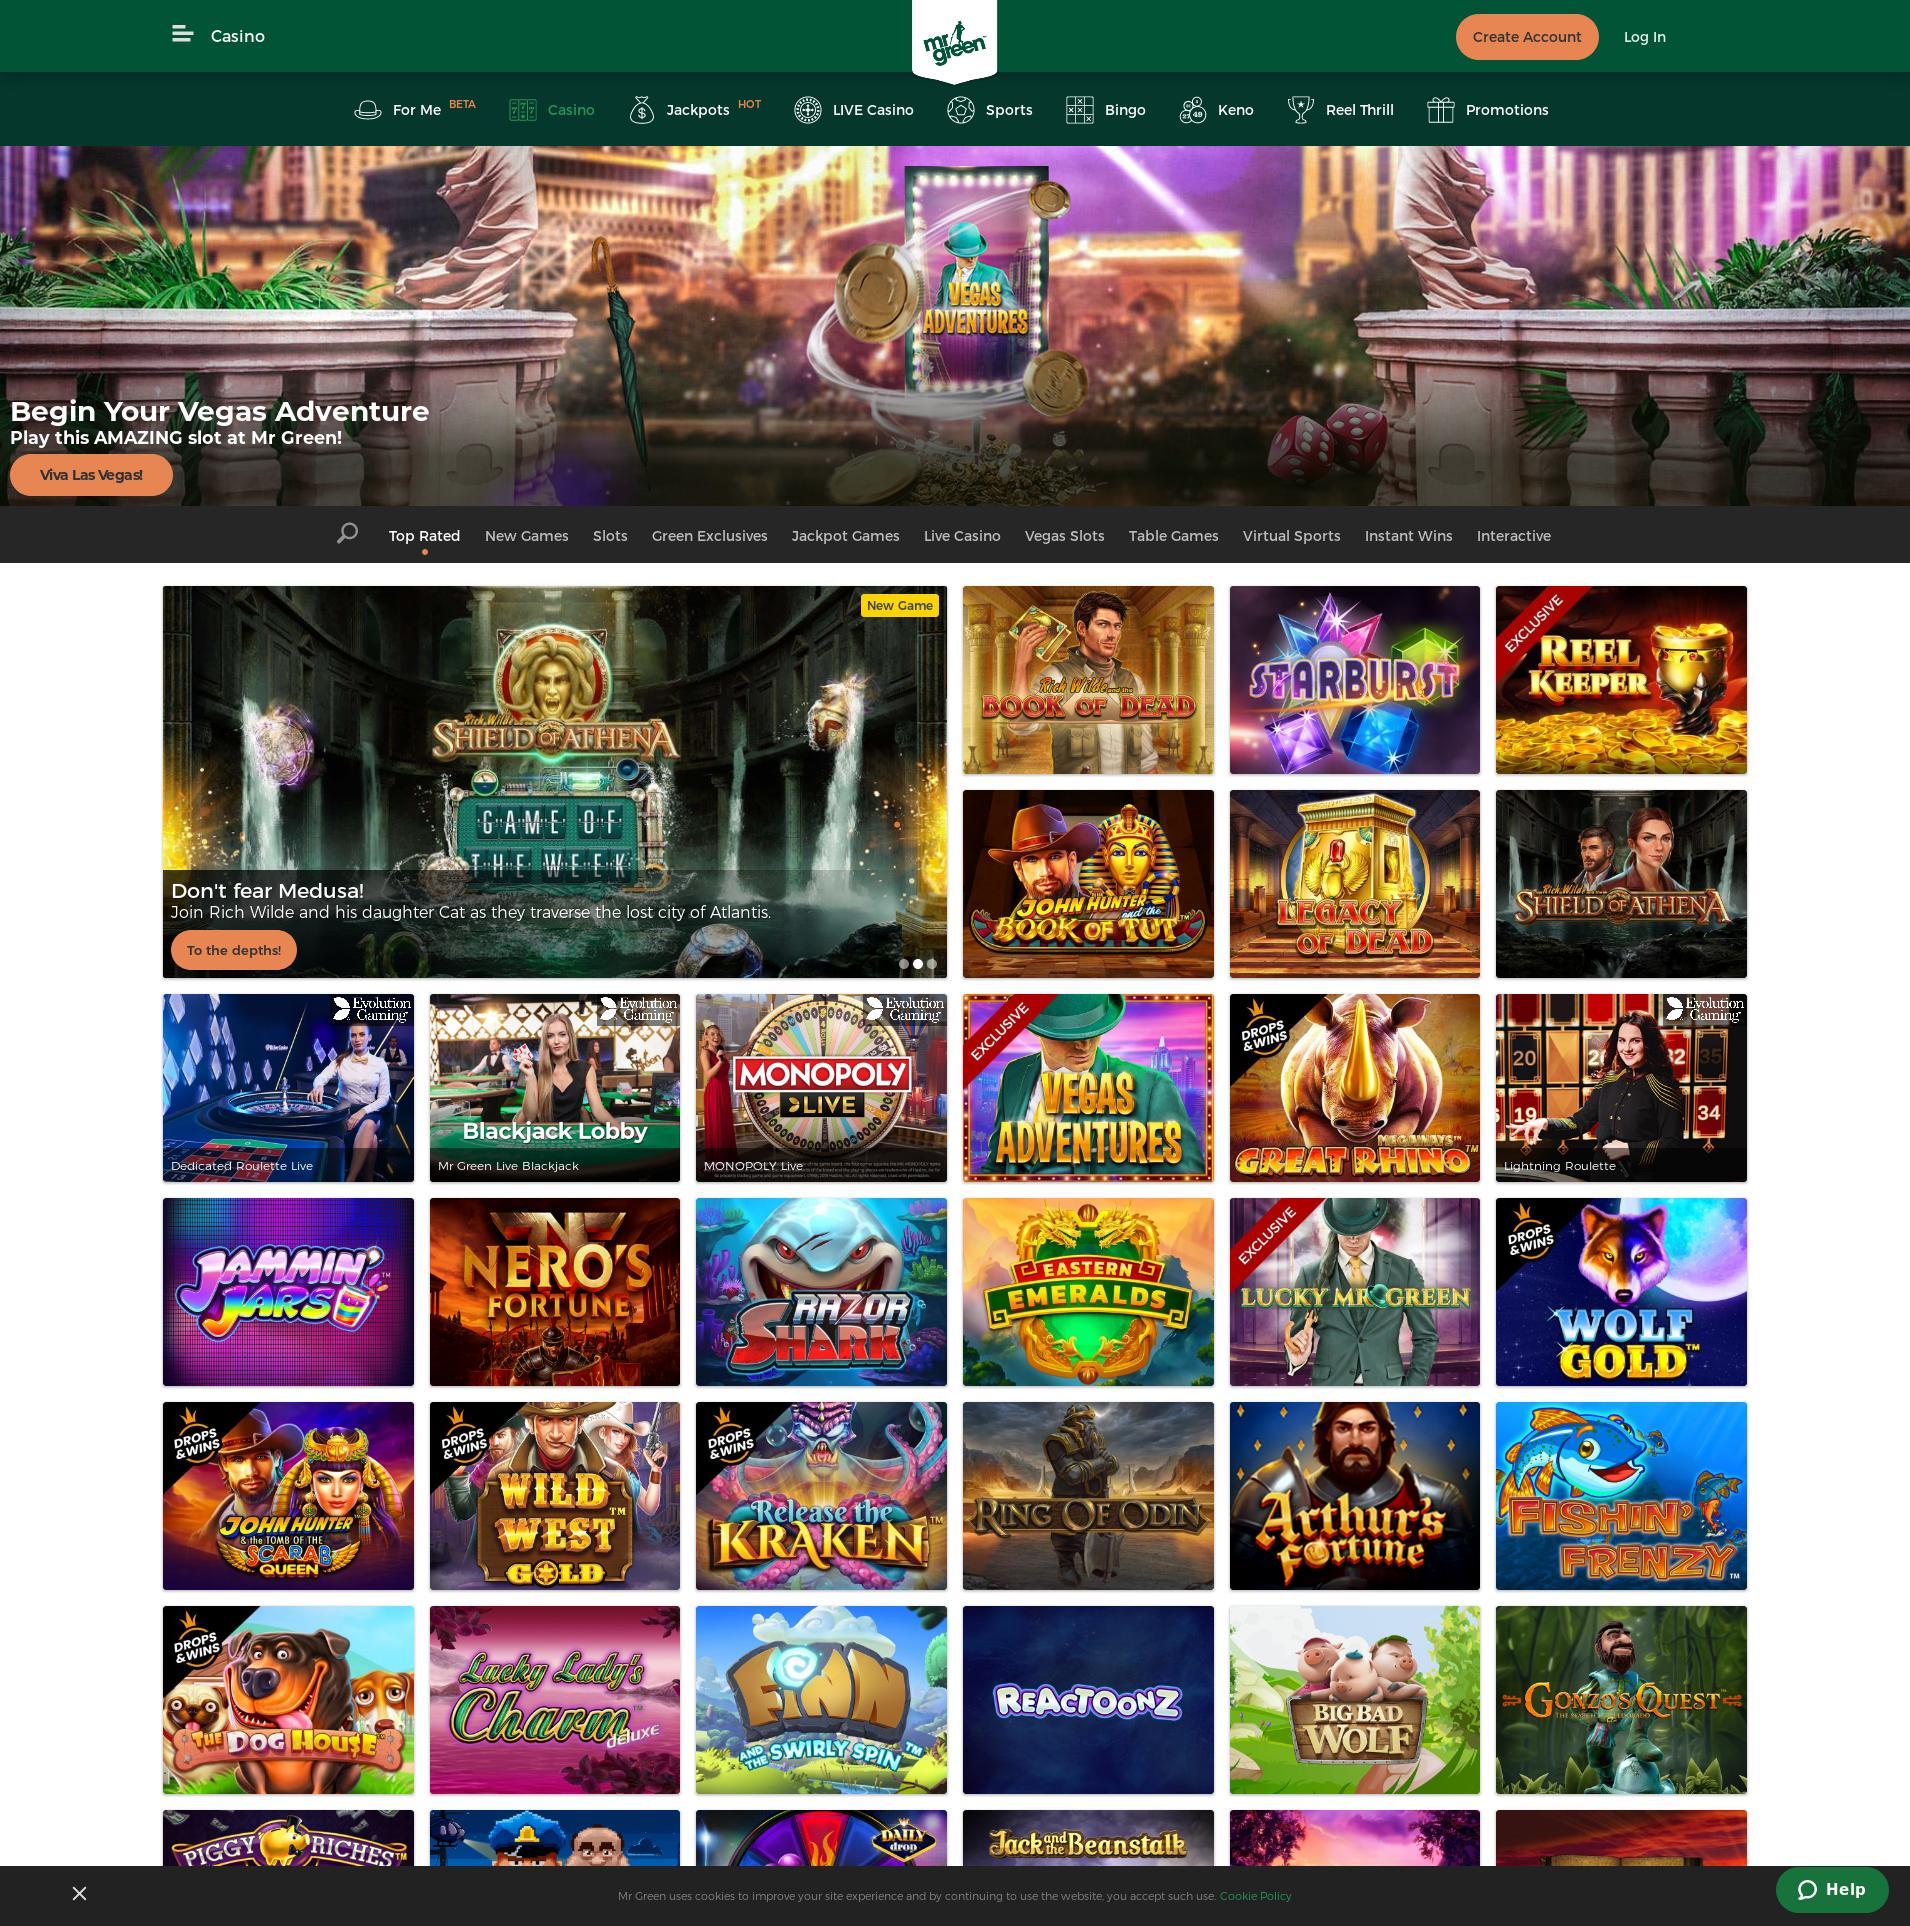 Casino screen Lobby 2020-06-03 pentru Regatul Unit